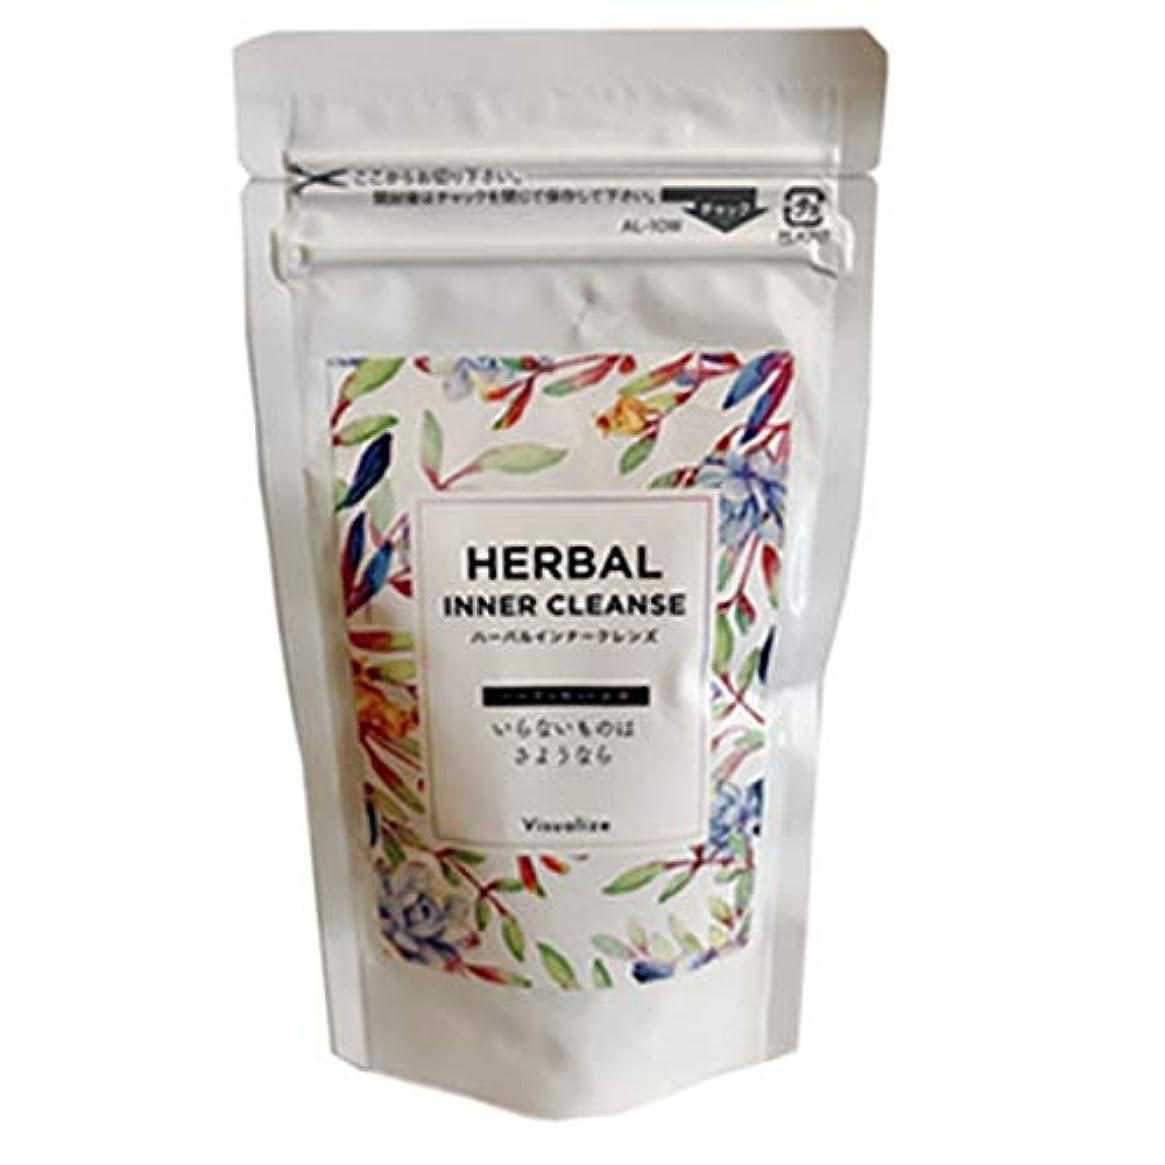 と州廊下ハーバルインナークレンズ Herbal INNER CLEANZE (150粒(tablets))2019/1/8より順次発送